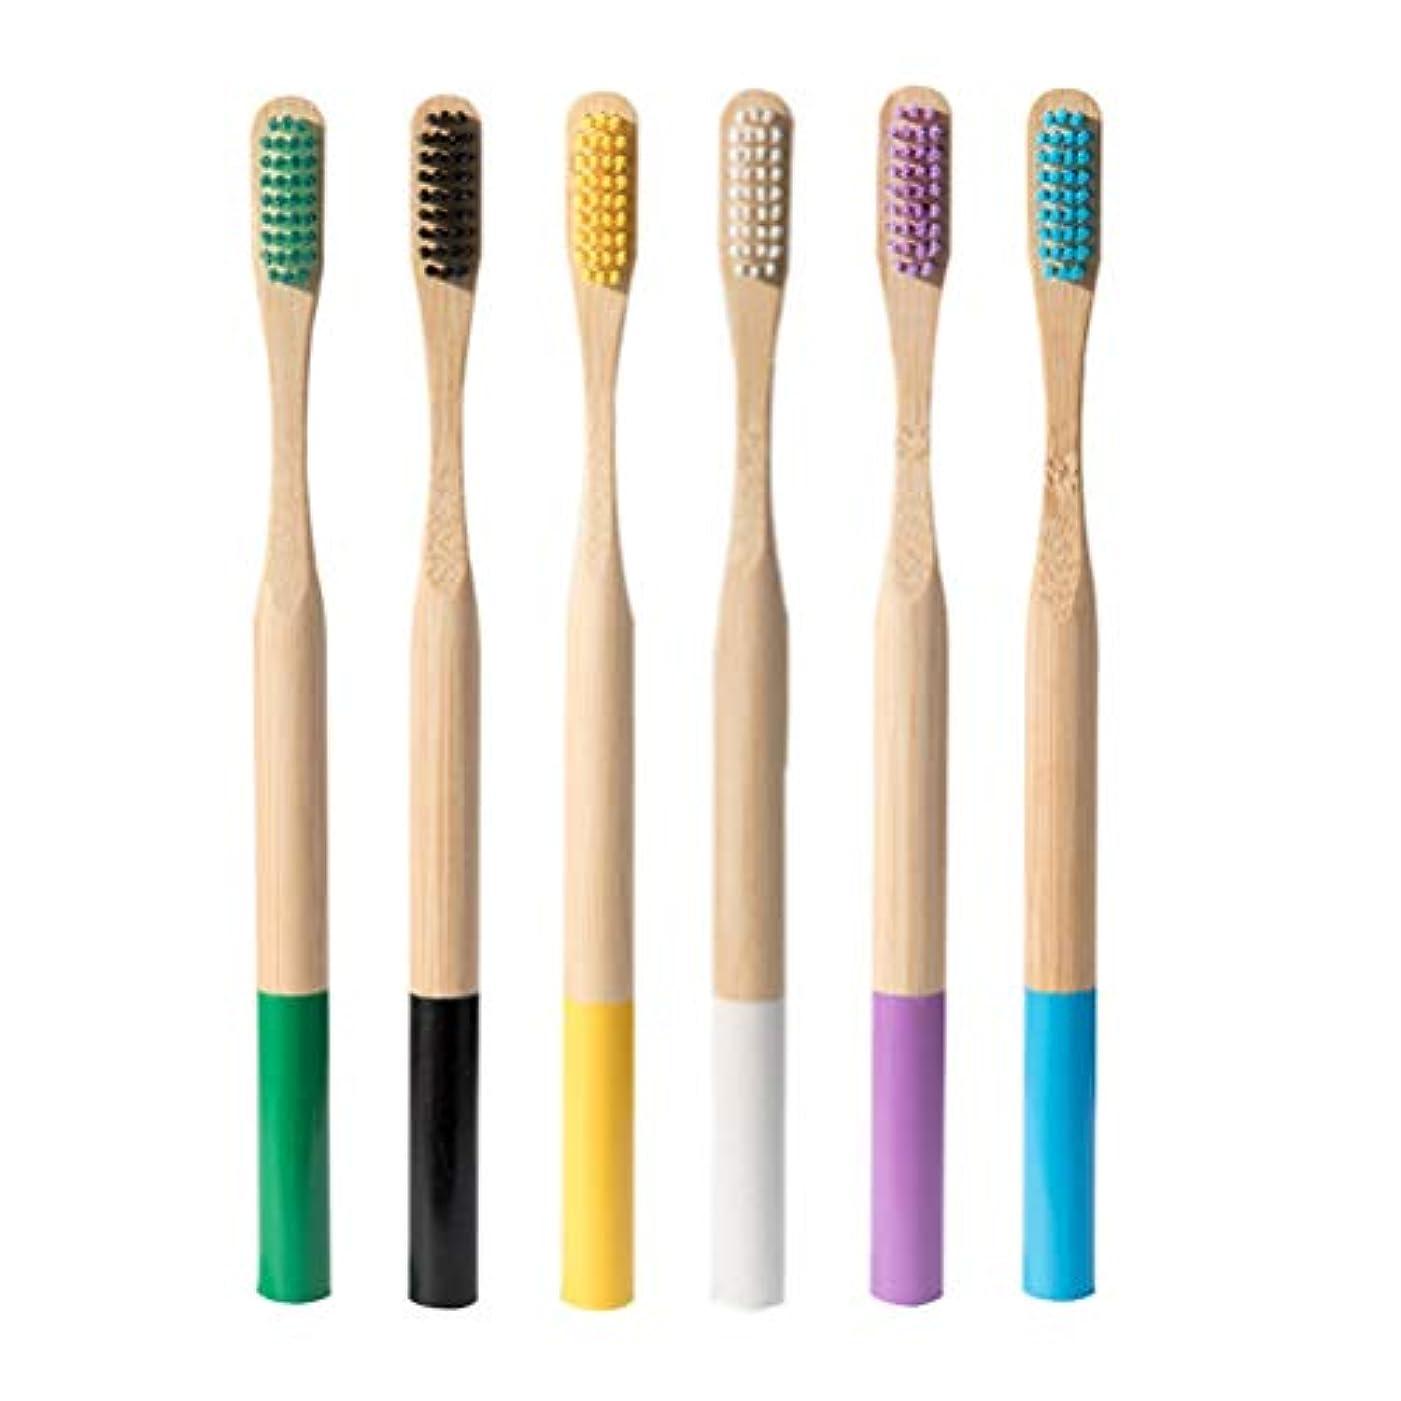 びっくりするコントロール肉のHealifty 歯ブラシ環境に優しい竹歯ブラシ6pcs